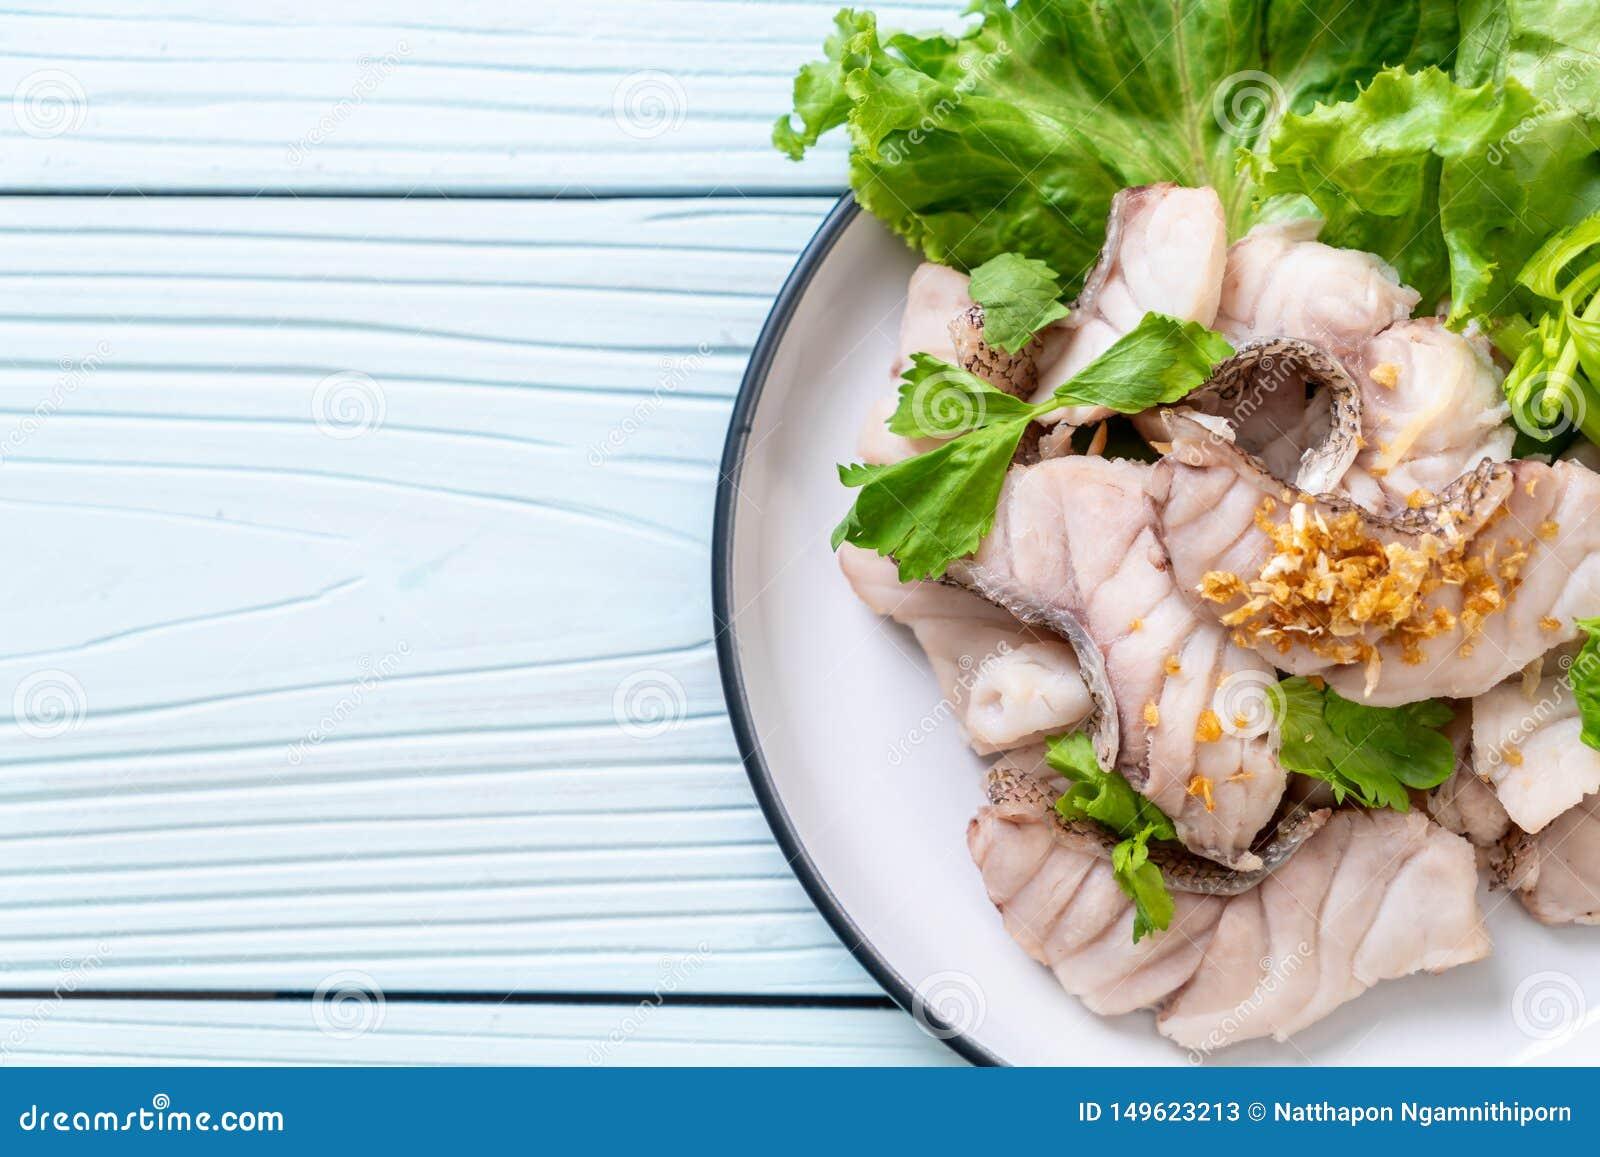 Βρασμένη εμβύθιση ψαριών με τη σάλτσα